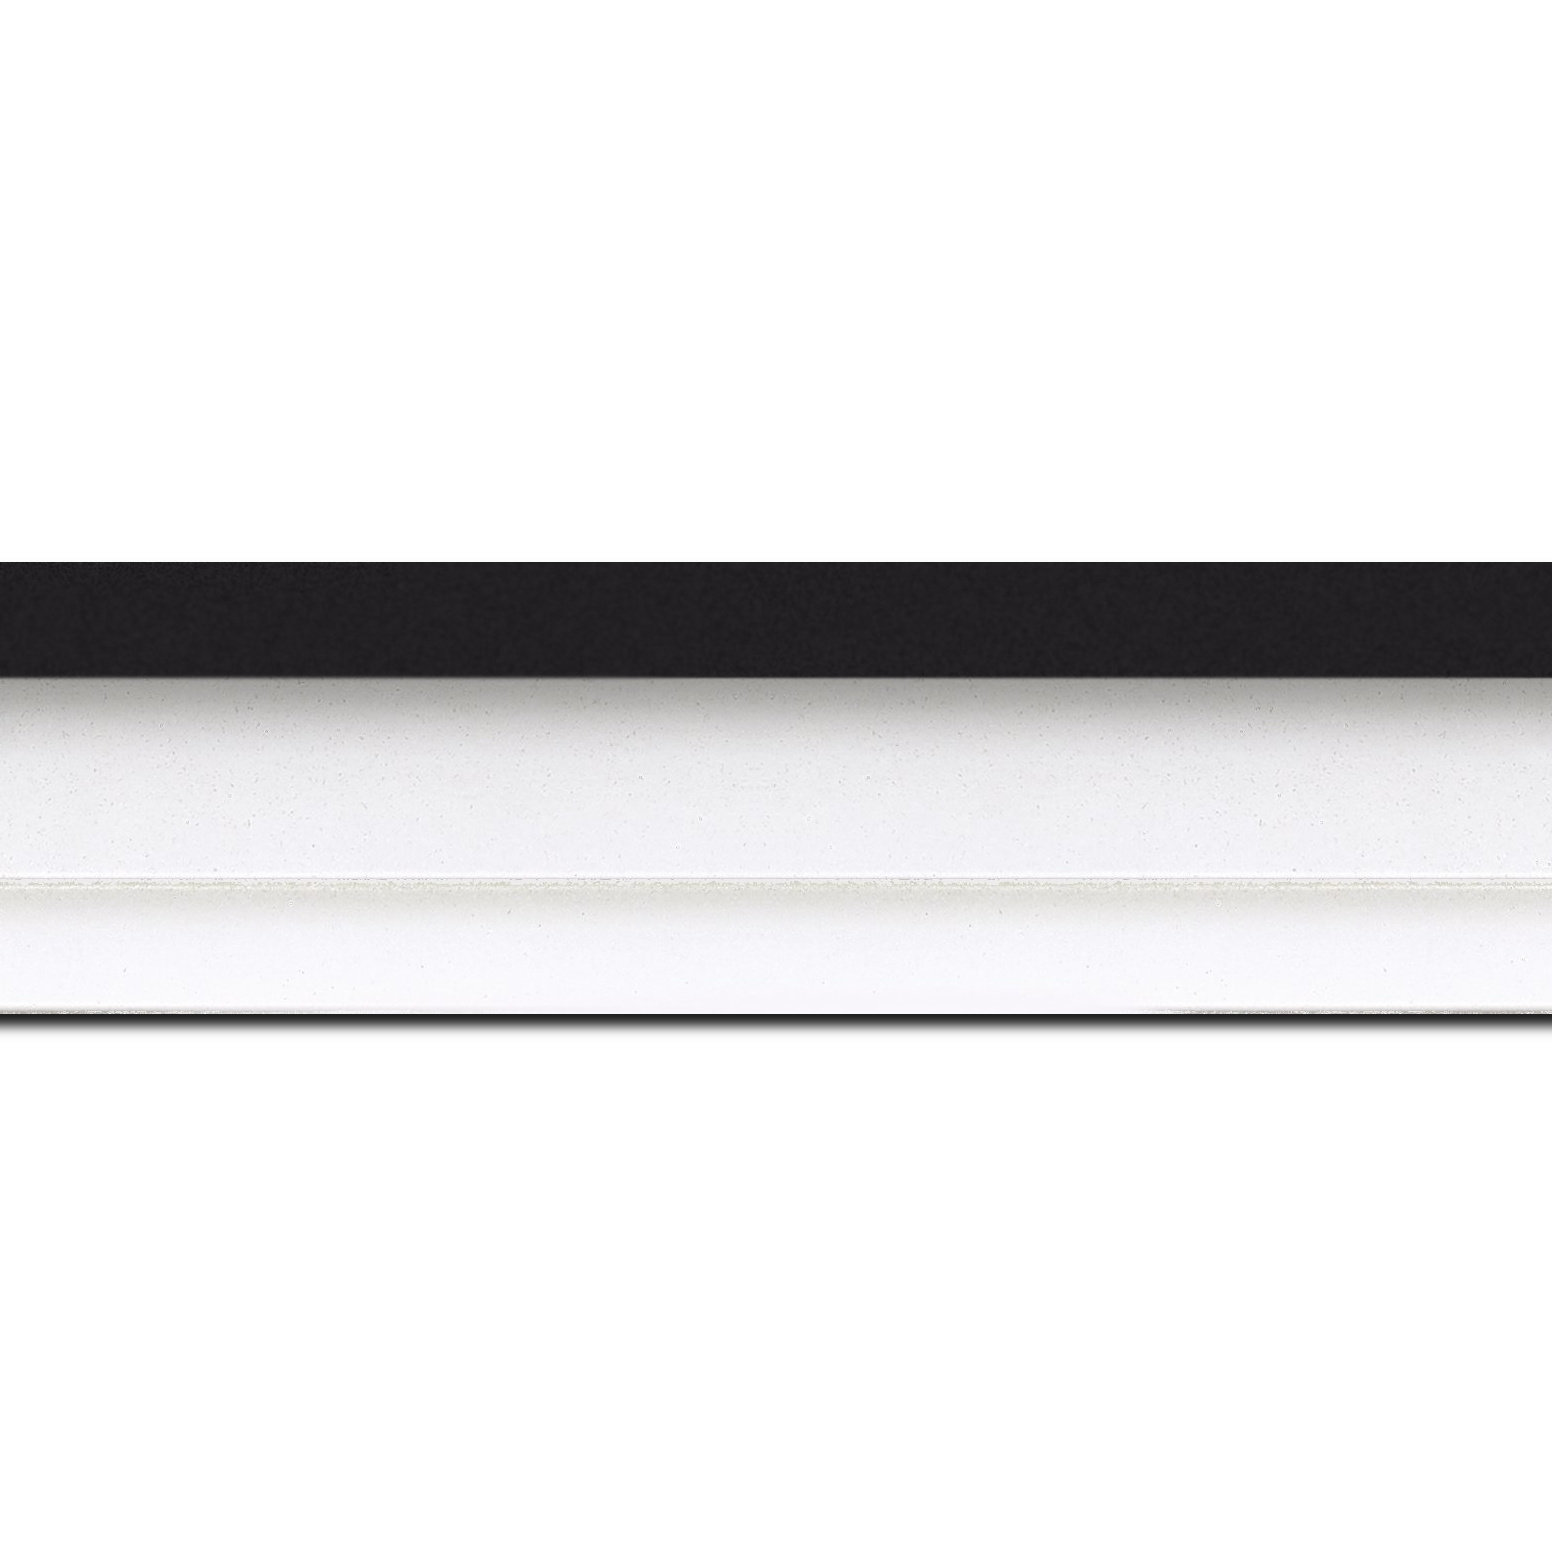 Pack par 12m, bois caisse américaine profil escalier largeur 4.4cm blanc mat filet noir (spécialement conçu pour les châssis d'une épaisseur jusqu'à 2.5cm )(longueur baguette pouvant varier entre 2.40m et 3m selon arrivage des bois)